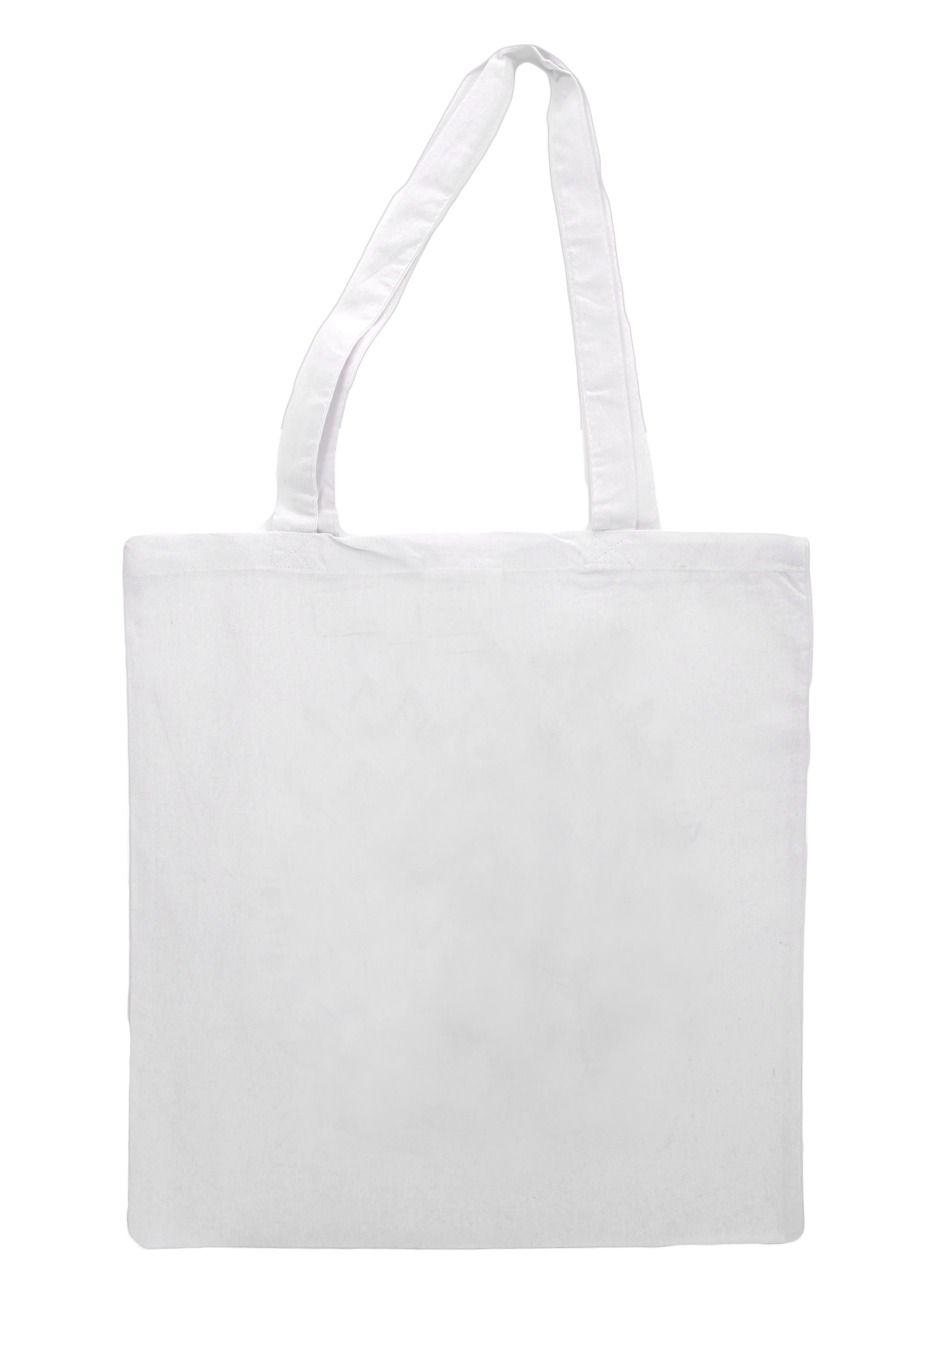 Download Brutalknack Intimate White Totebag Back Lg 1 Jpg 936 1 353 Pixeles Desain Mockup Kutipan Pengetahuan